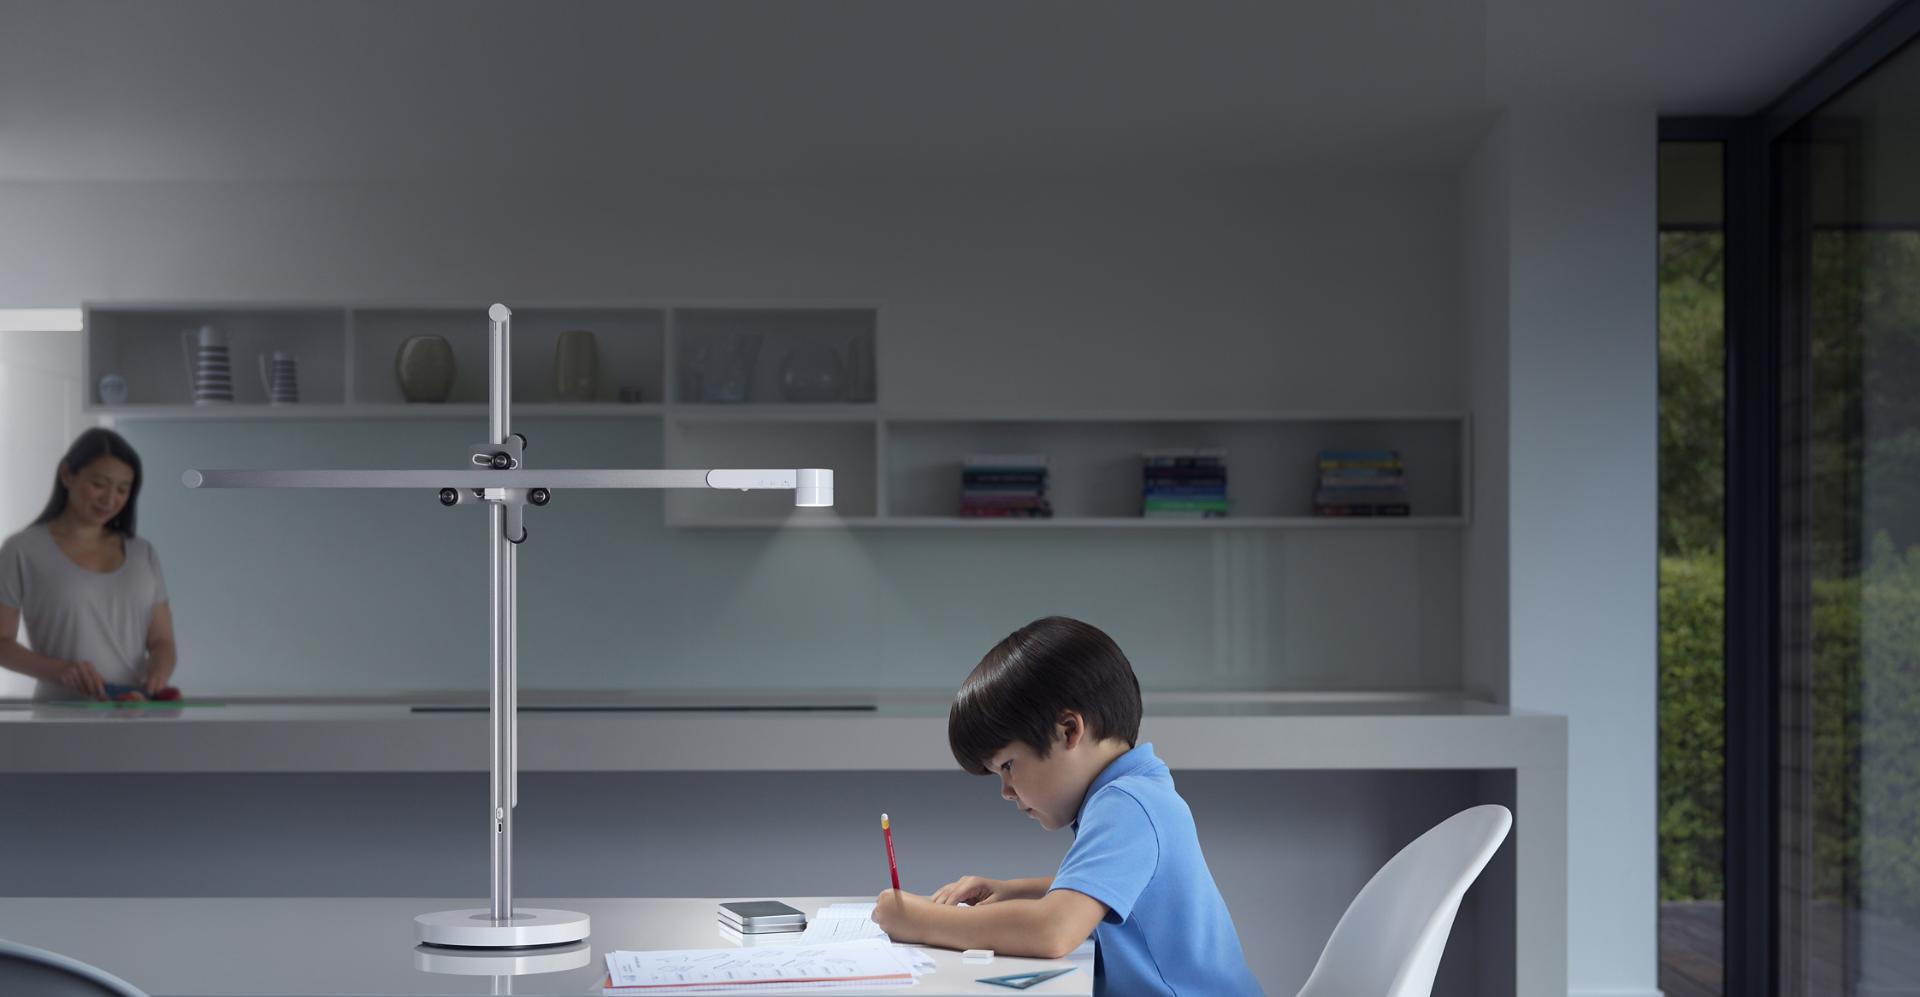 강력한 다이슨 라이트 사이클 테스크 조명 아래 책상에서 학습 중인 소년과 배경의 어머니